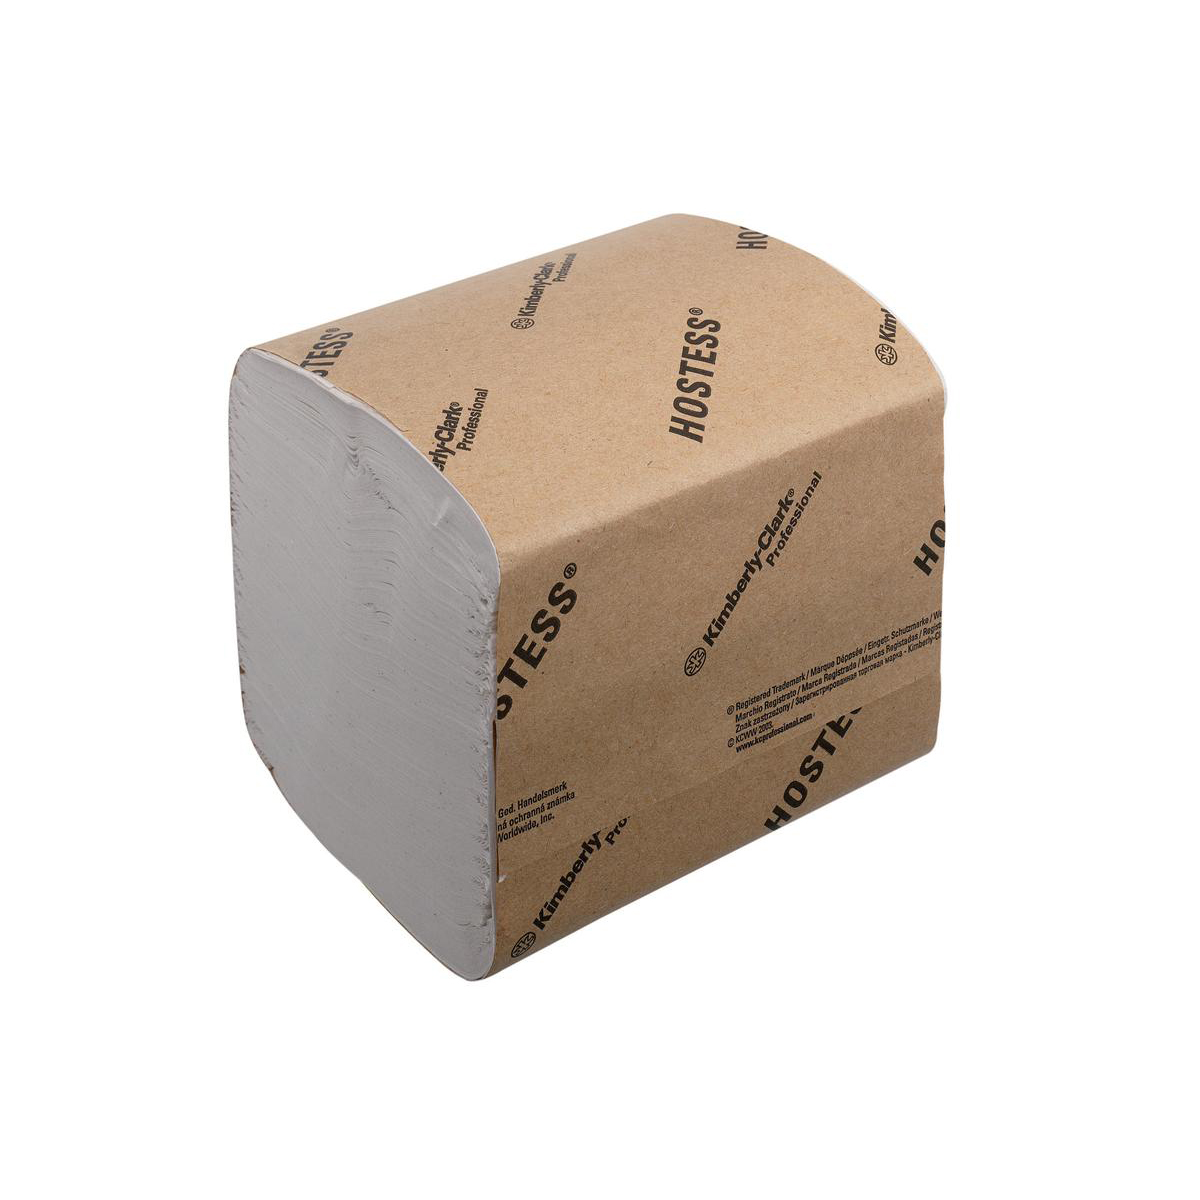 Hostess Toilet Tissue Bulk Folded 186x108mm 520 Sheets per sleeve 1-ply White Ref 4471 Pack 36